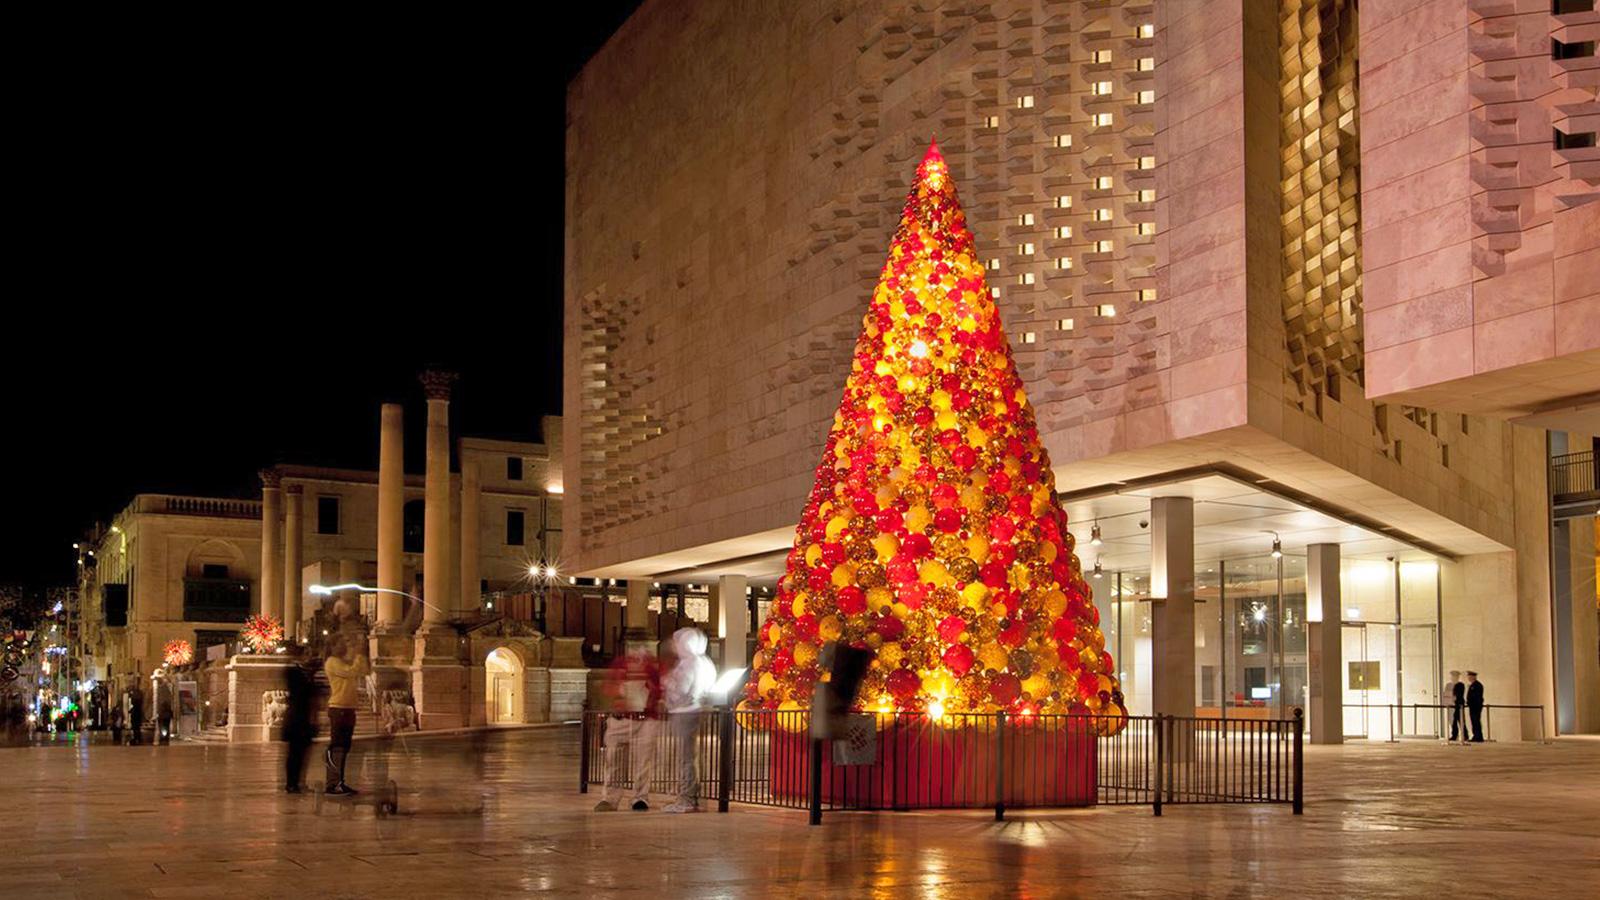 Natale a Malta, inizia la festa più attesa dell'anno